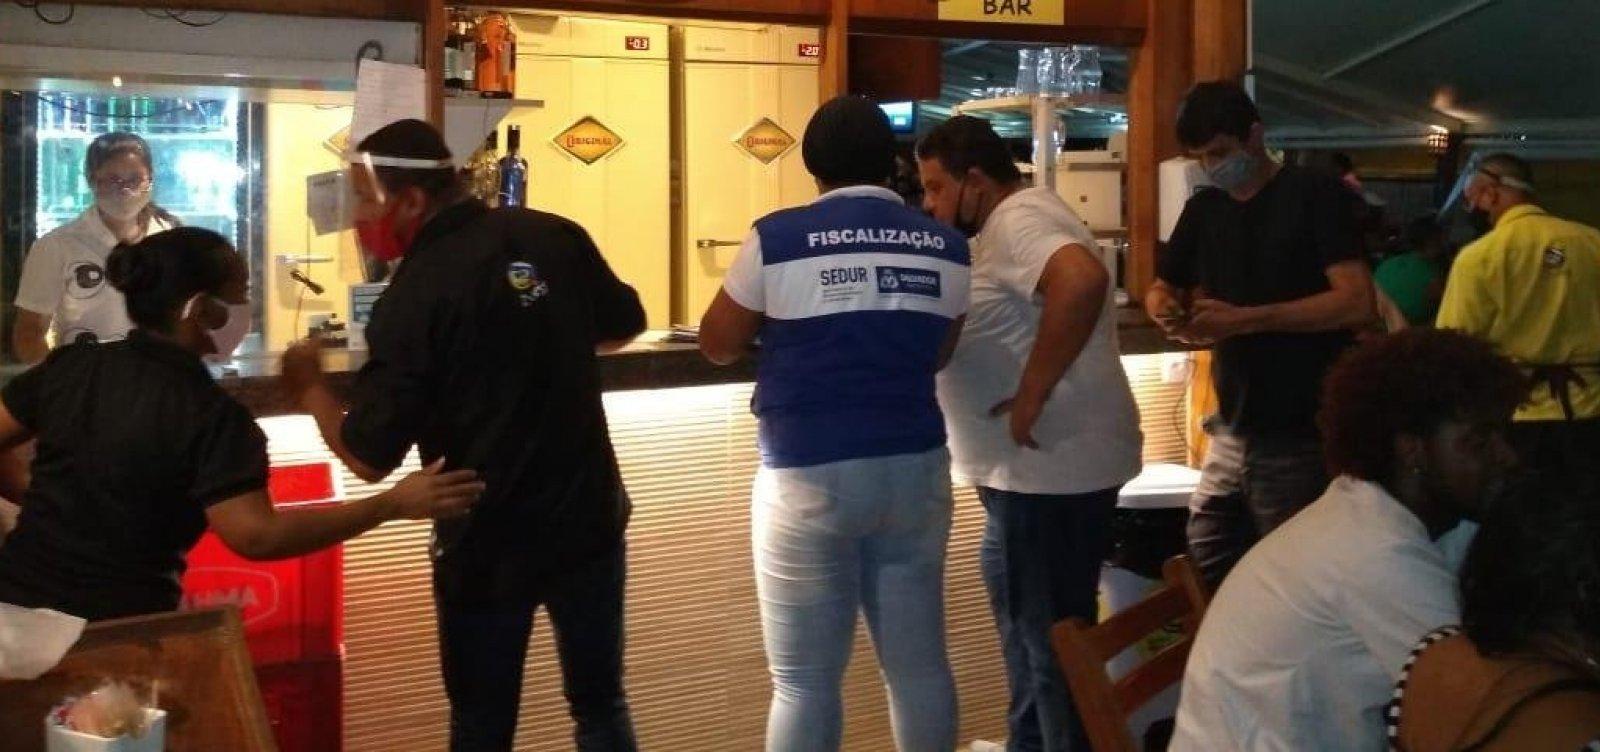 Sedur interdita quatro bares e dispersa aglomeração na Pituba e Calabetão